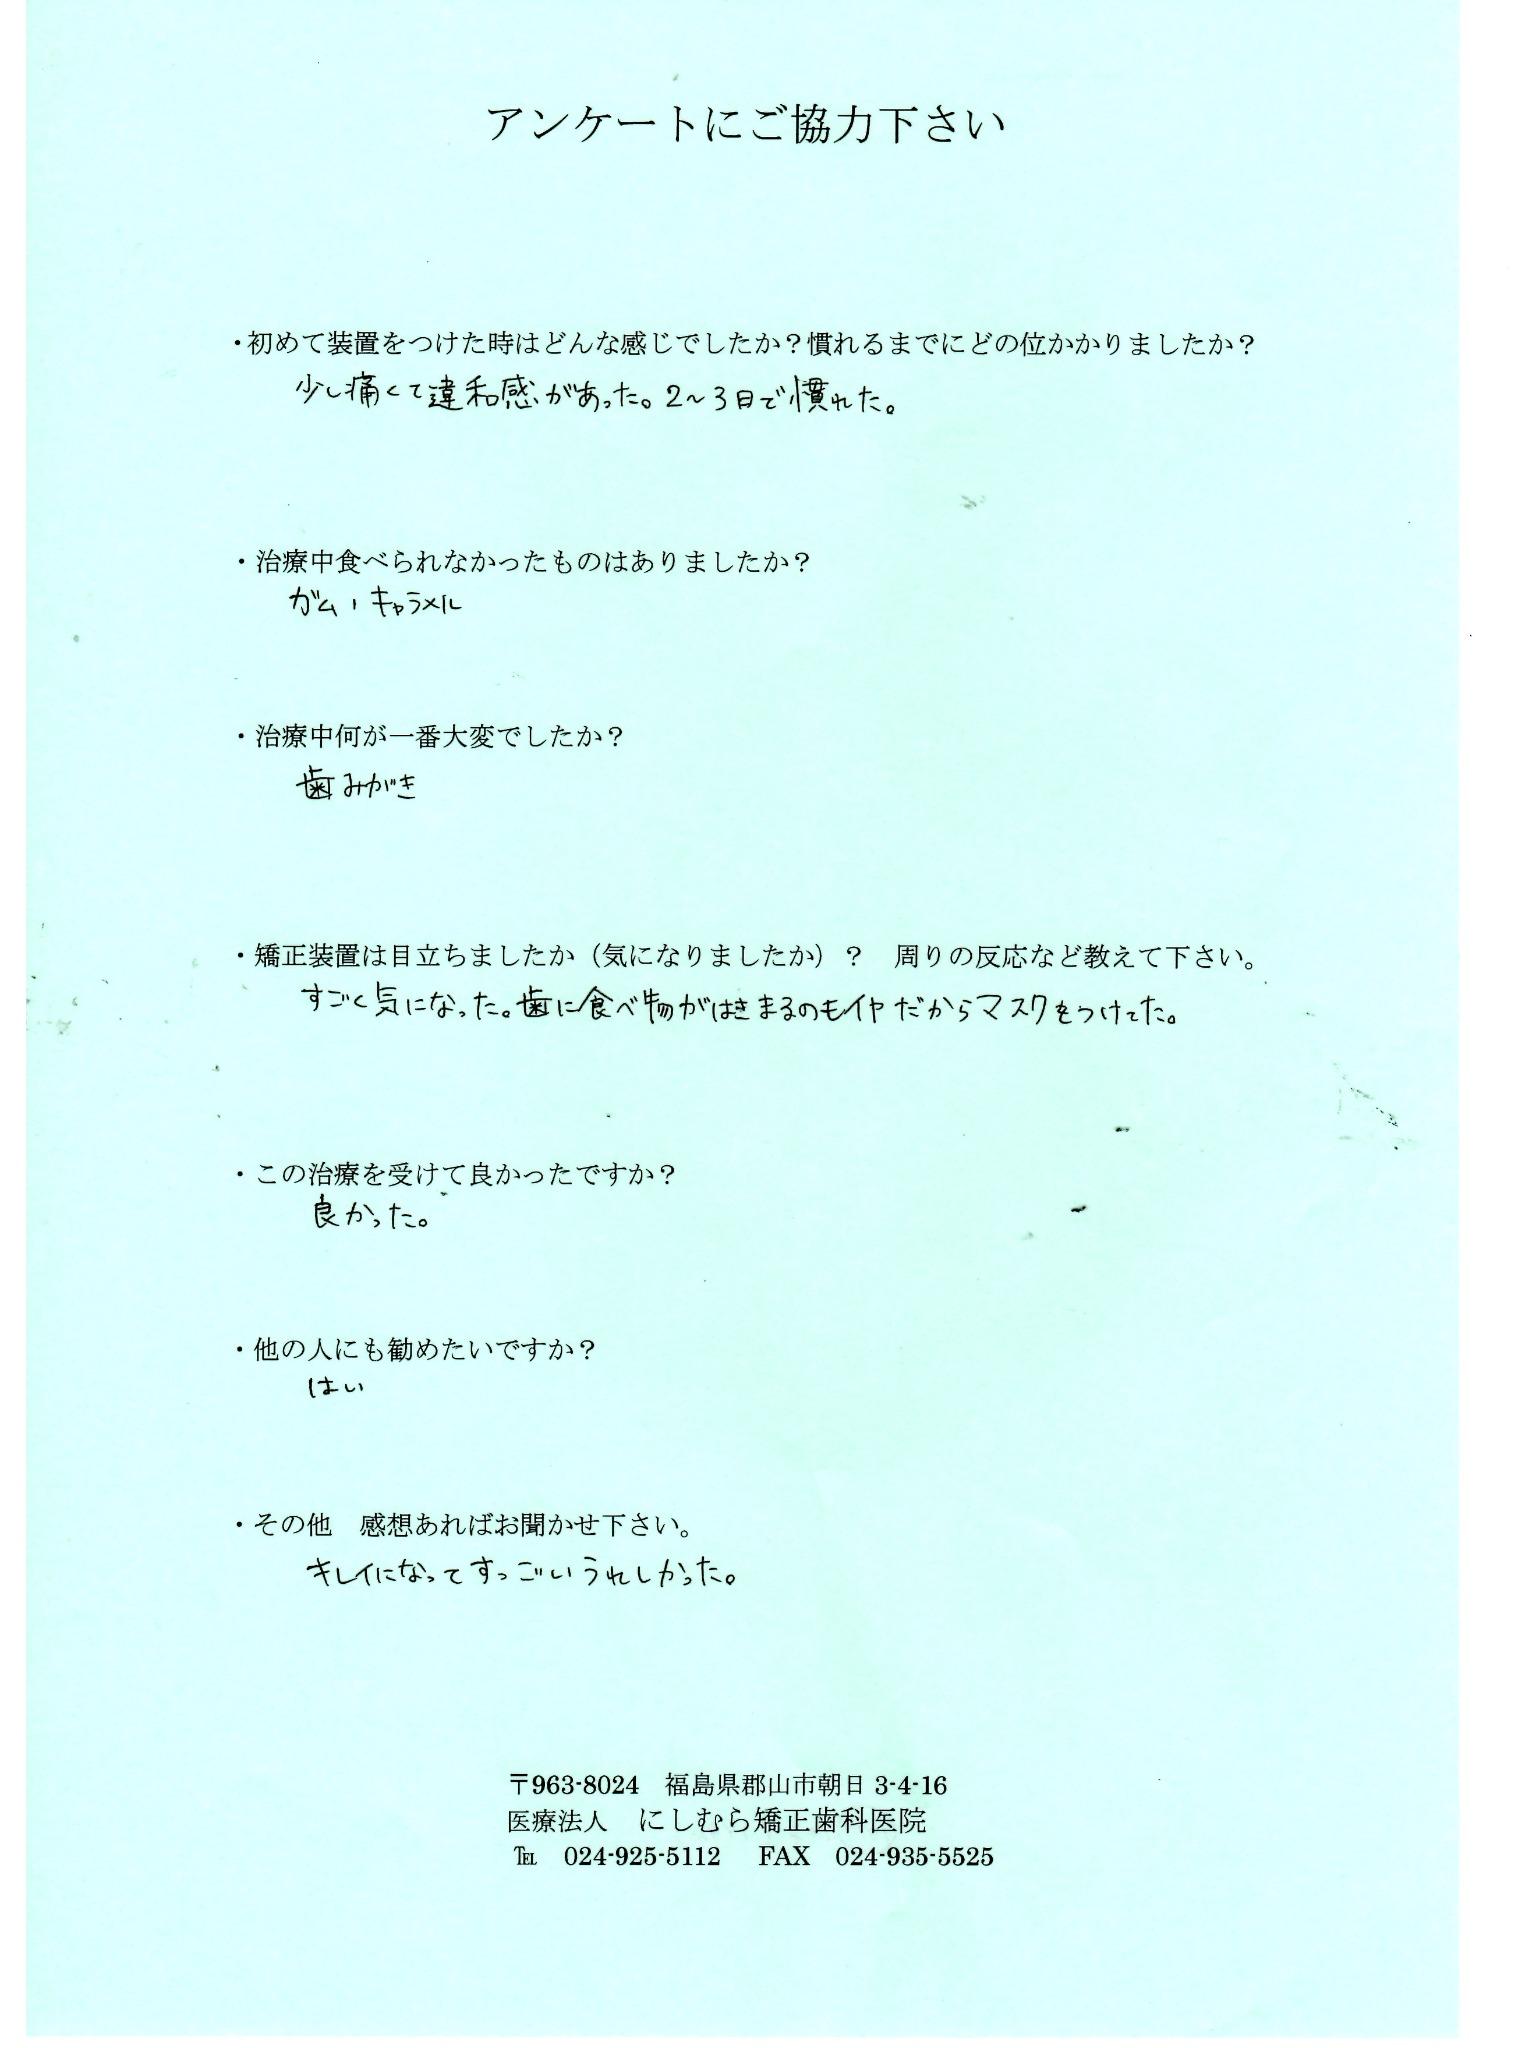 10代 患者様アンケート46